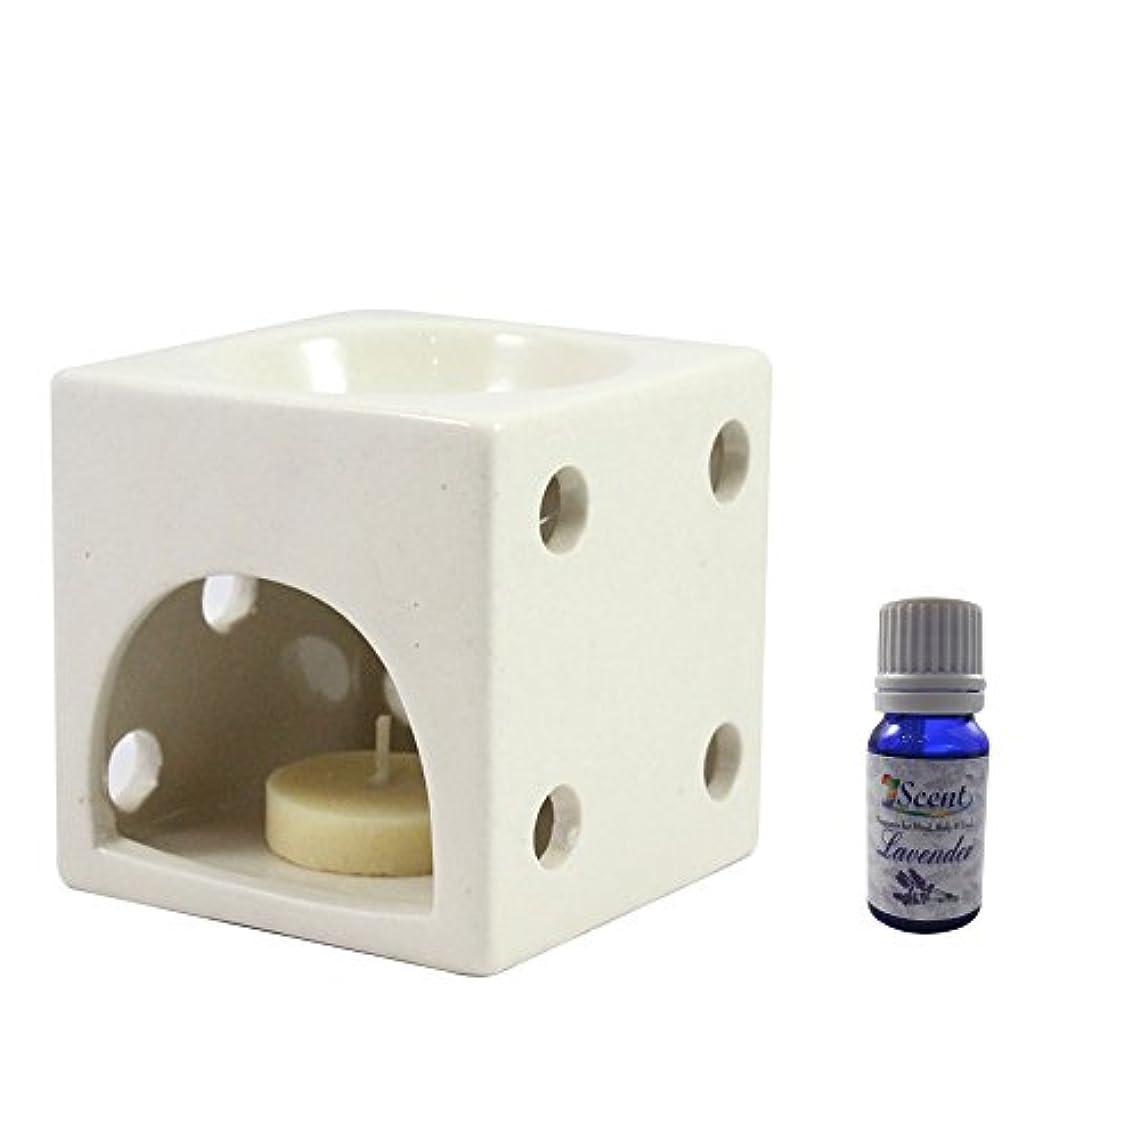 ポーンパテたとえ家の装飾定期的に使用する汚染フリーハンドメイドセラミックエスニックティーライトキャンドルアロマディフューザーオイルバーナーロータスフレグランスオイル|ホワイトカラーティーライトキャンドルアロマテラピー香オイルウォーマー数量1